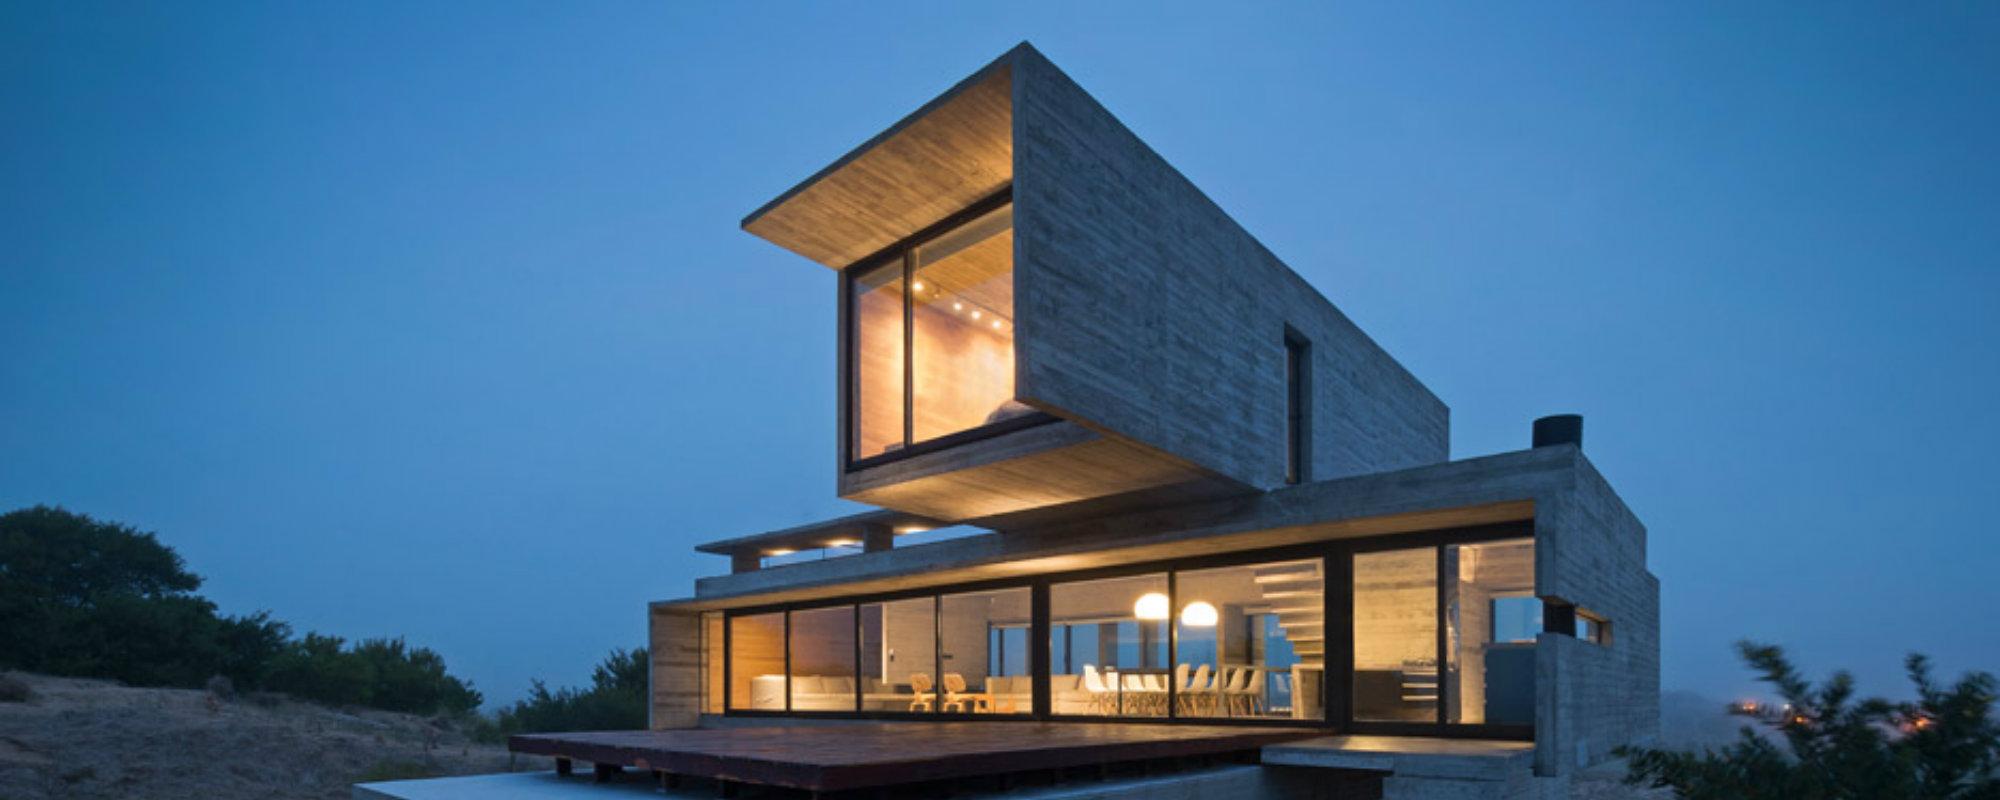 Luciano Kruk: un arquitecto de lujo en Argentina